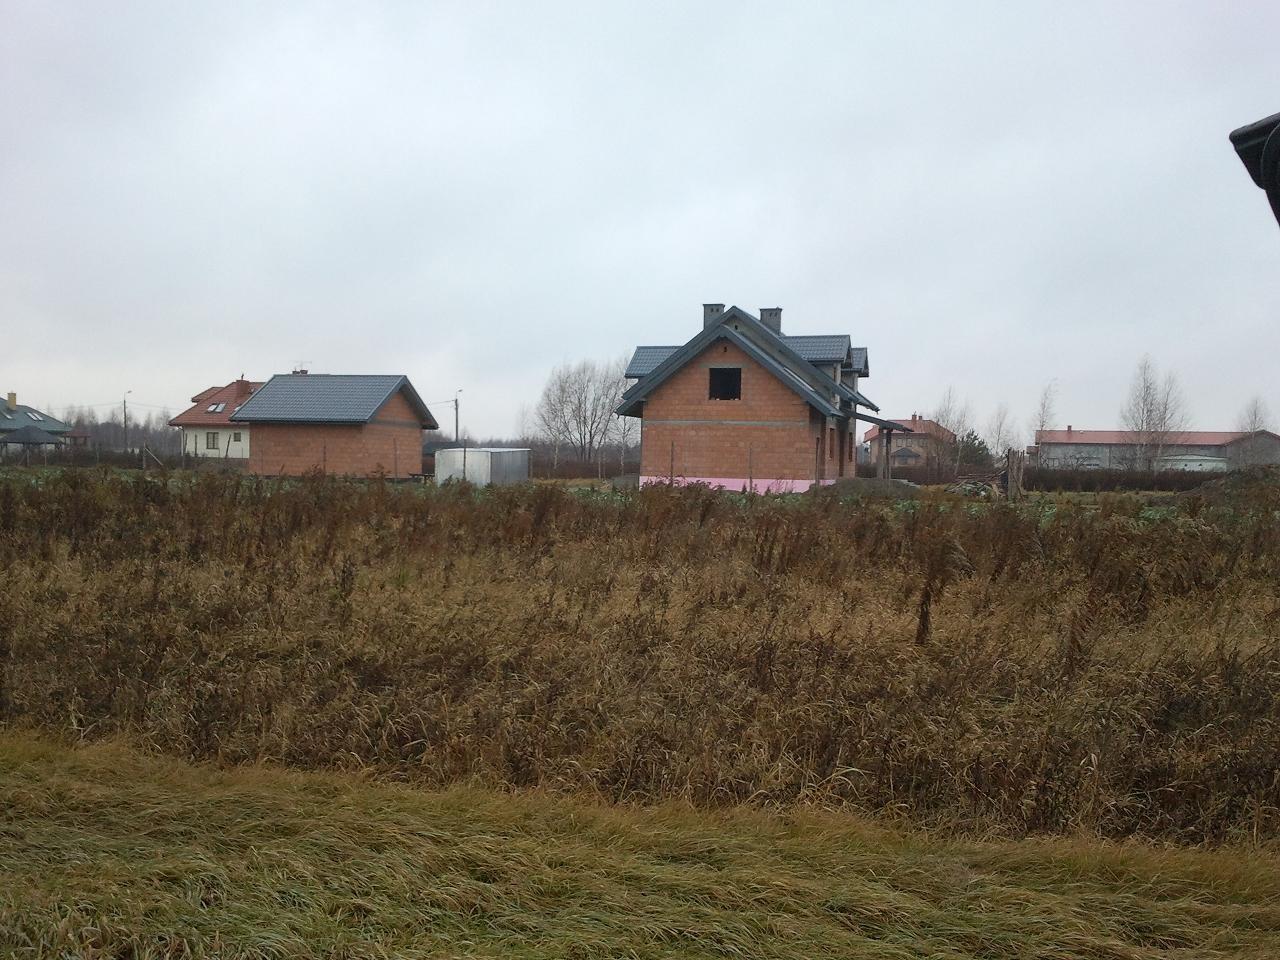 Realizacja domu Zgrabny z przedsionkiem